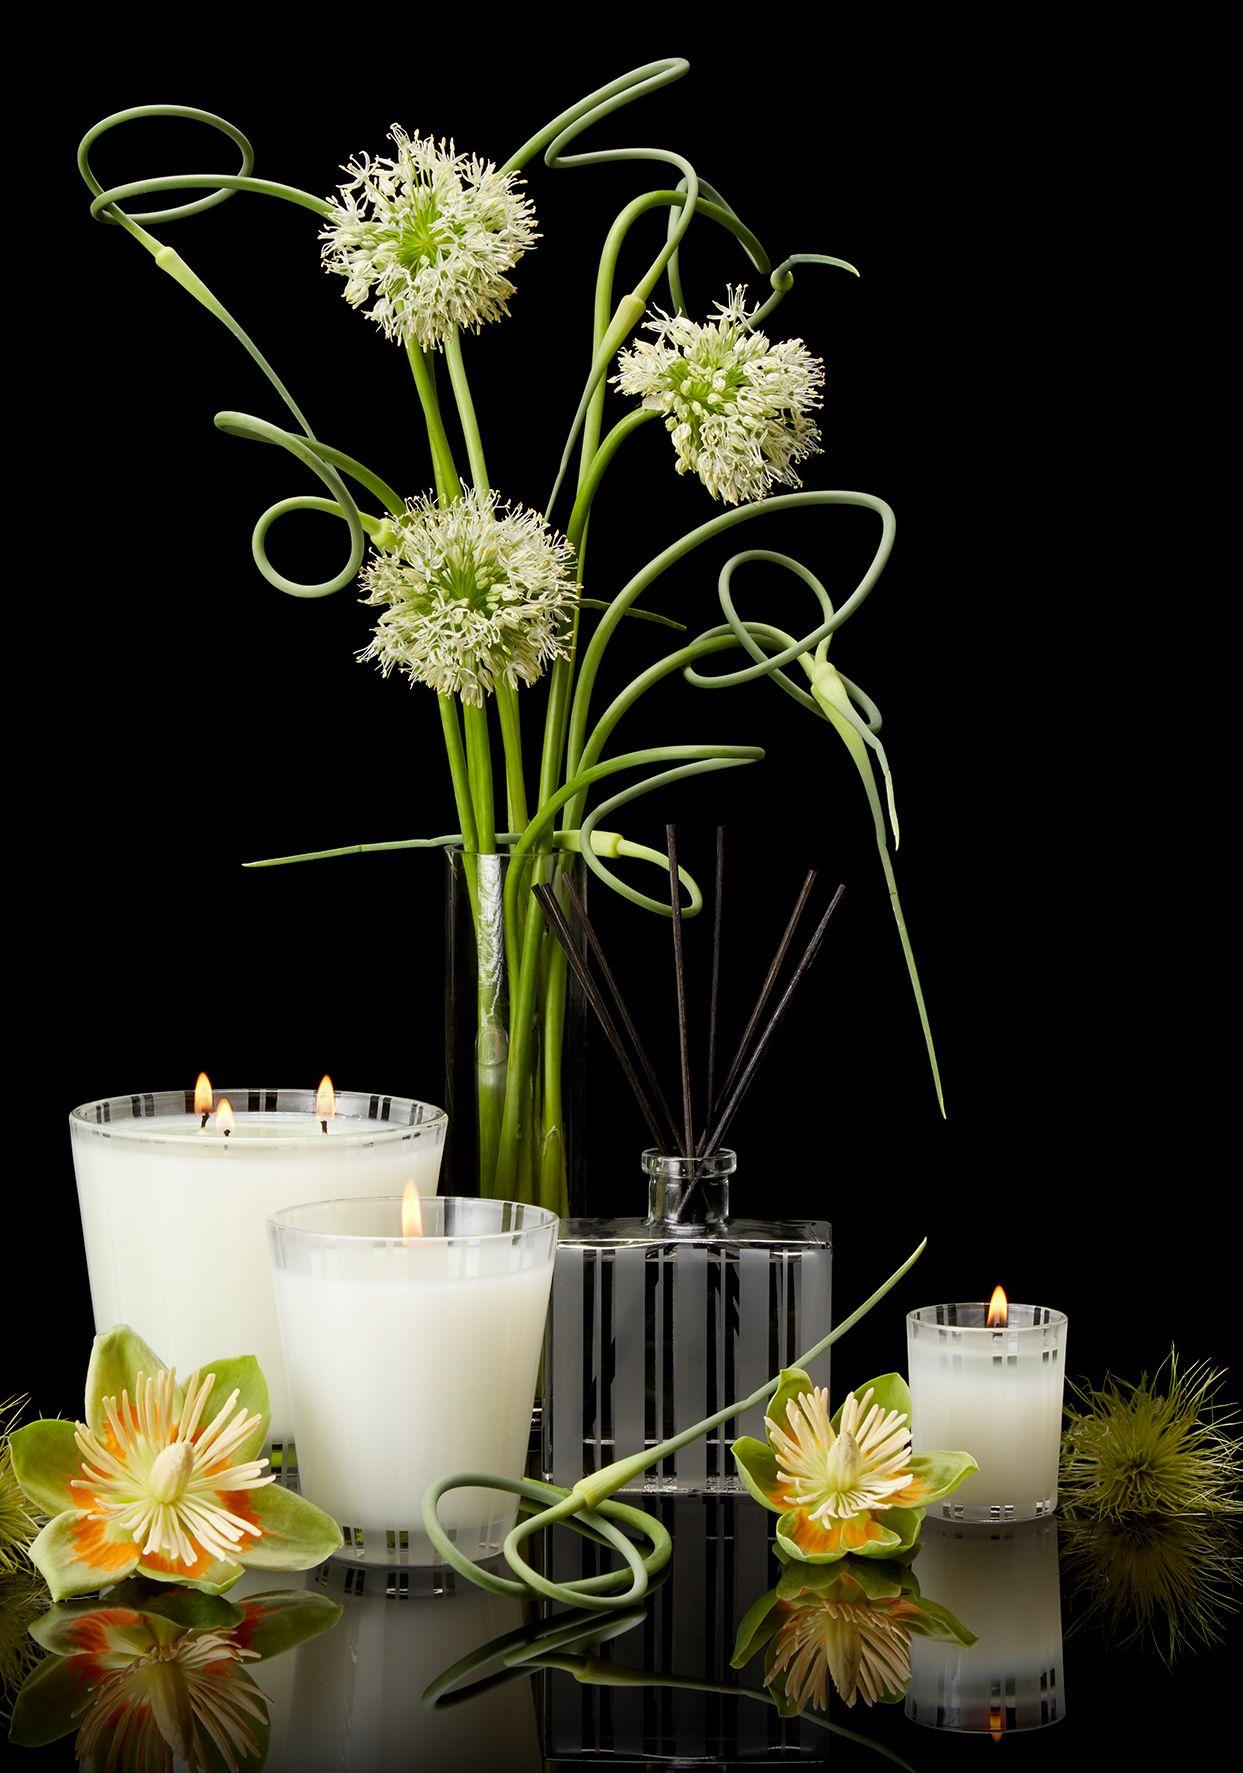 Lemongrass Ginger Home Fragrance Collection Nestfragrances Luxury Homefragrance Vibrant Fragrance Collection Home Fragrance Lemon Grass